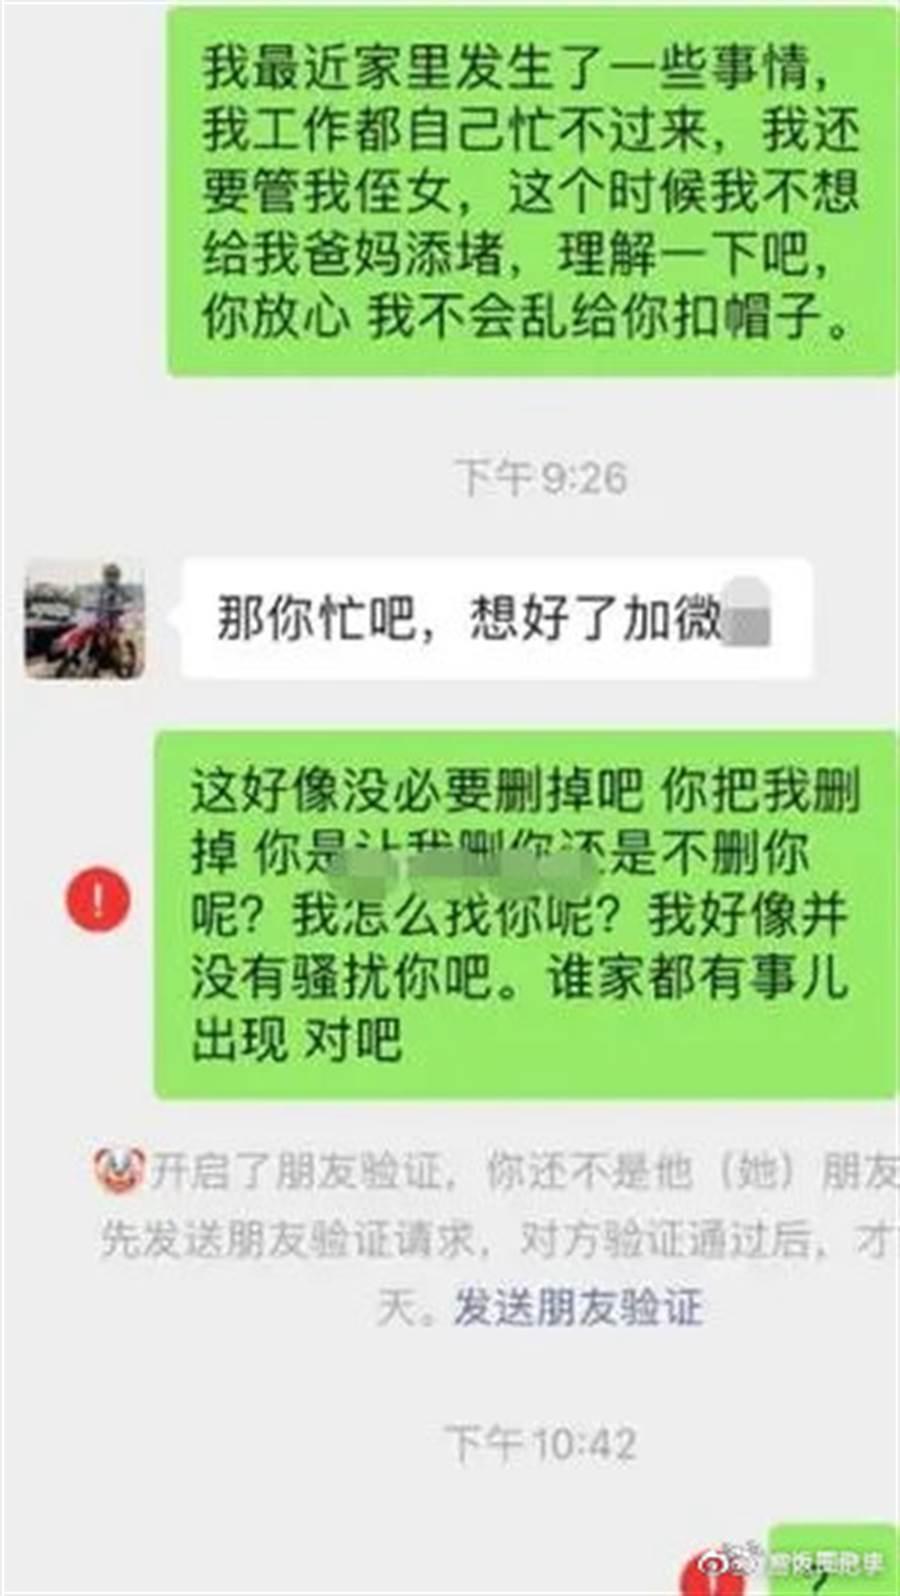 网友公开张元坤的对话纪录。(图/微博)